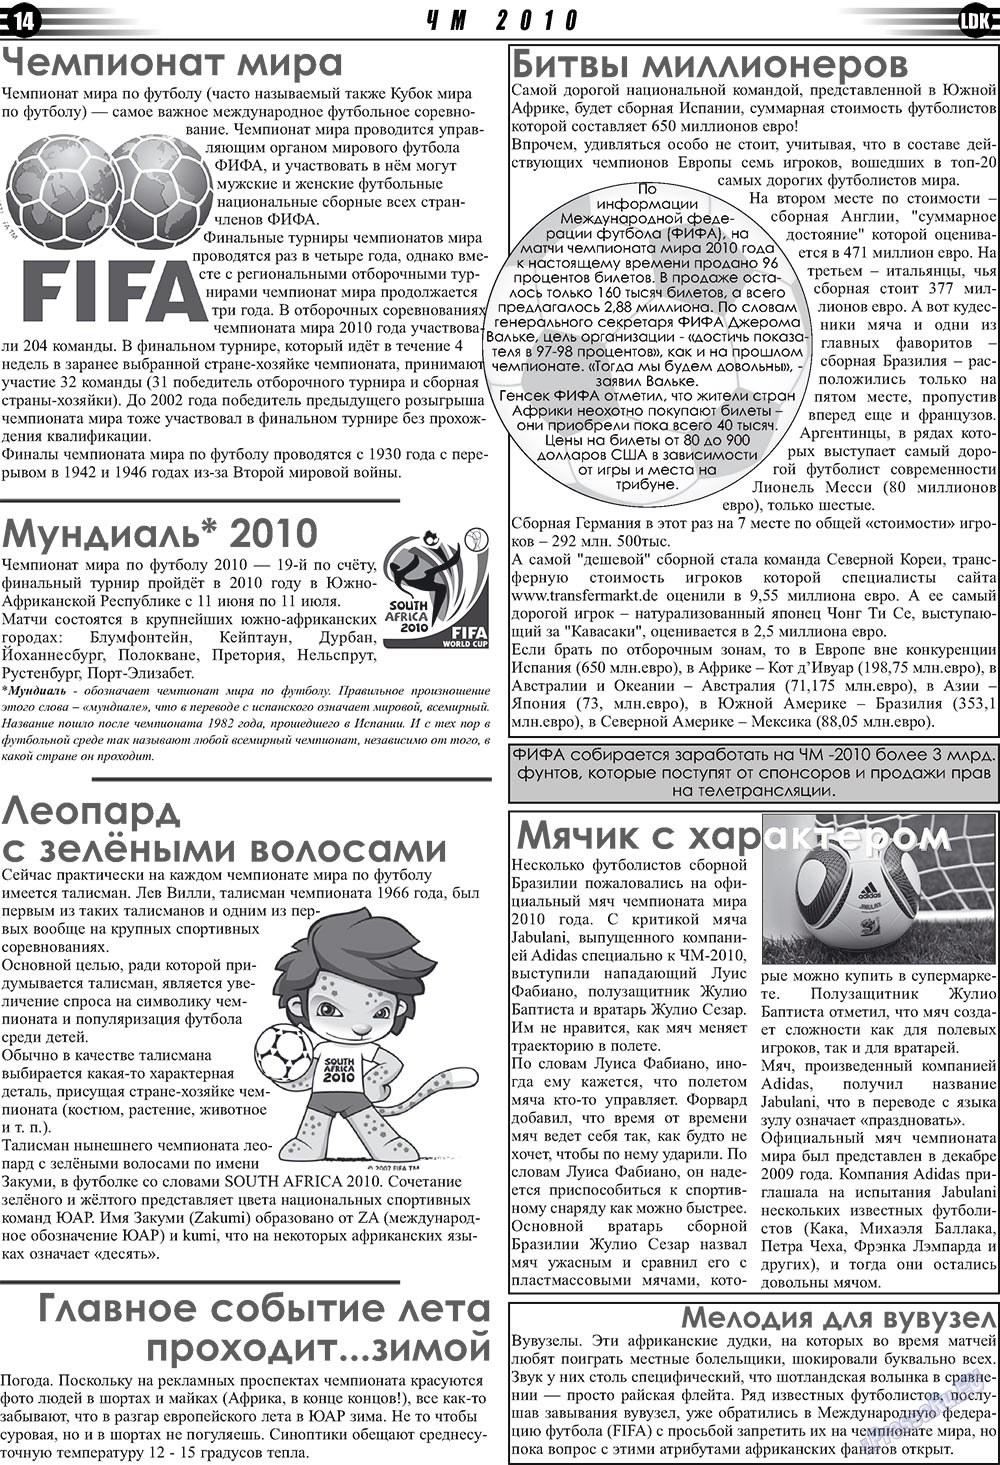 LDK по-русски (газета). 2010 год, номер 6, стр. 14